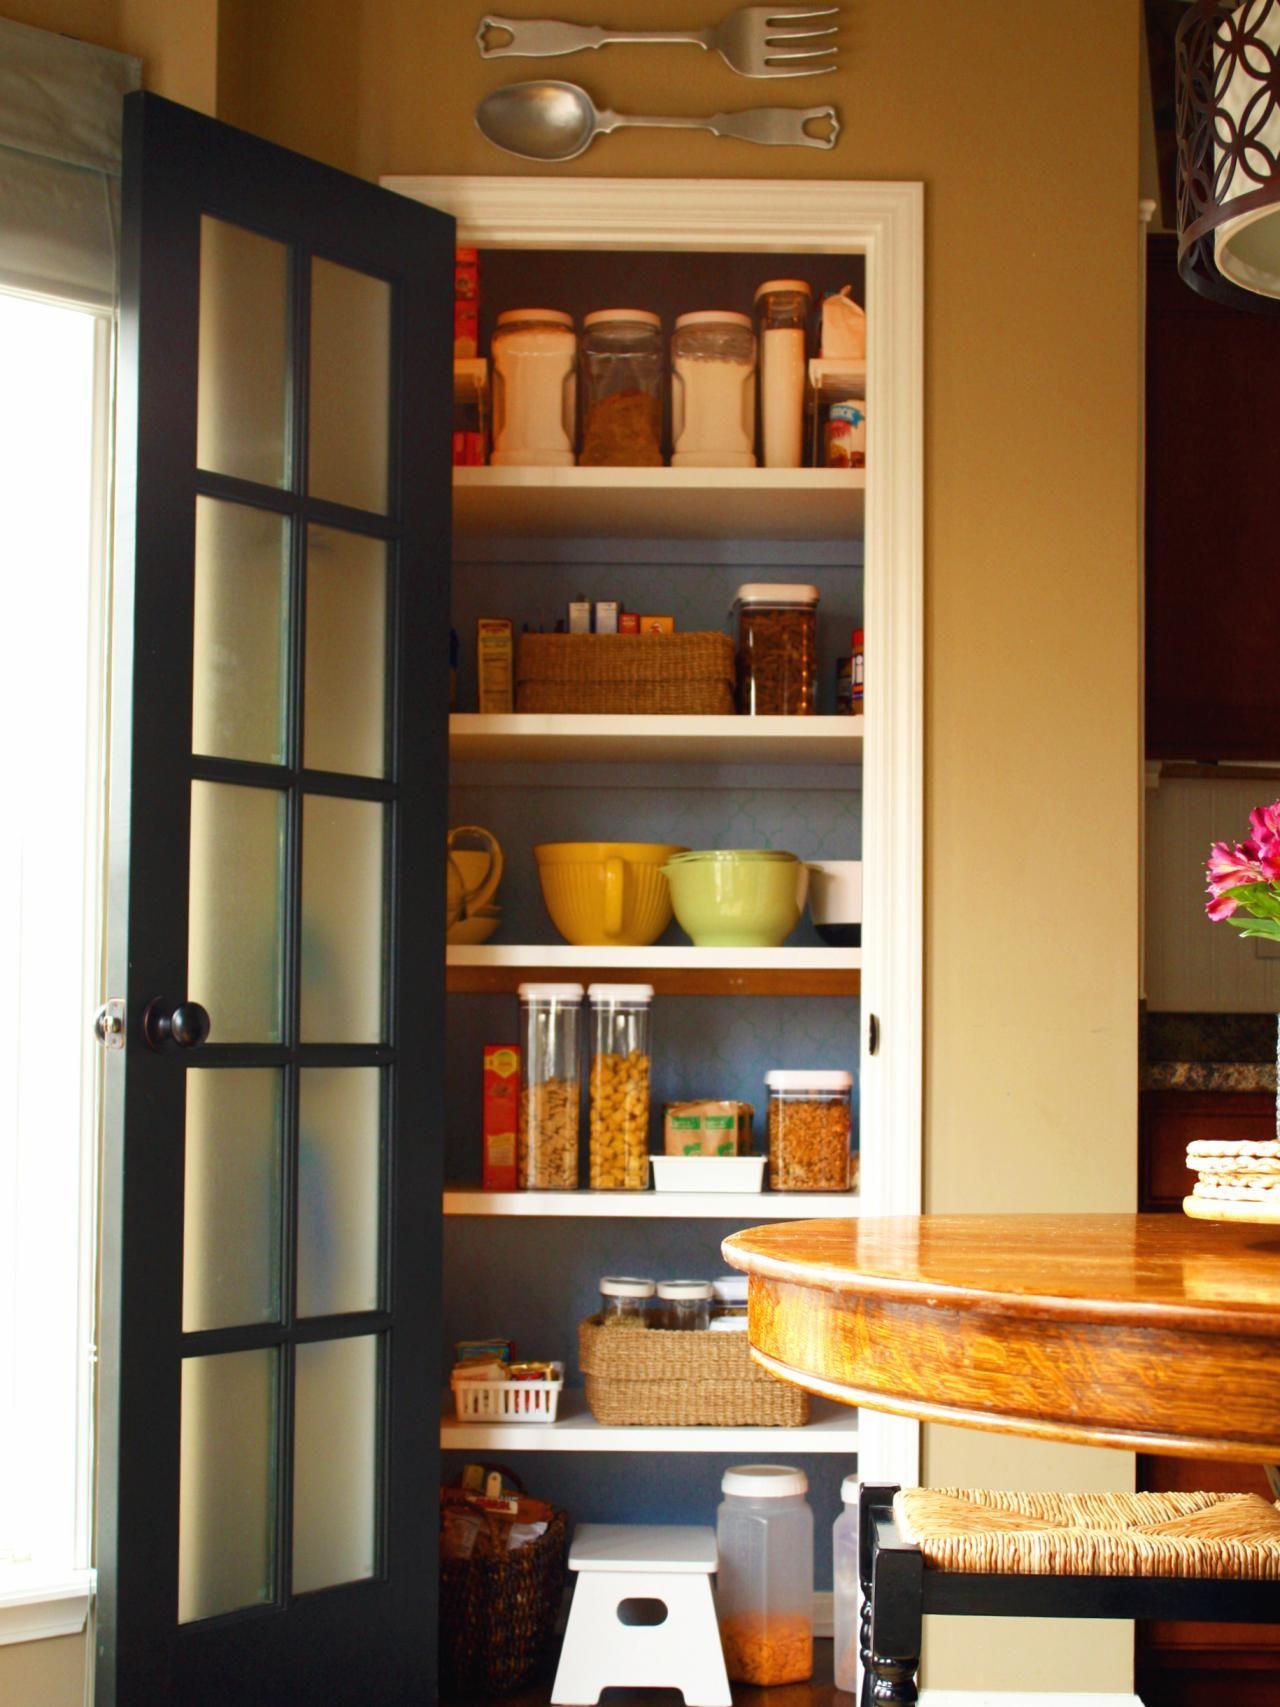 Ideen für küchenschränke ohne türen schiebe küche kabinett türen  auch die uförmigen geeignet für